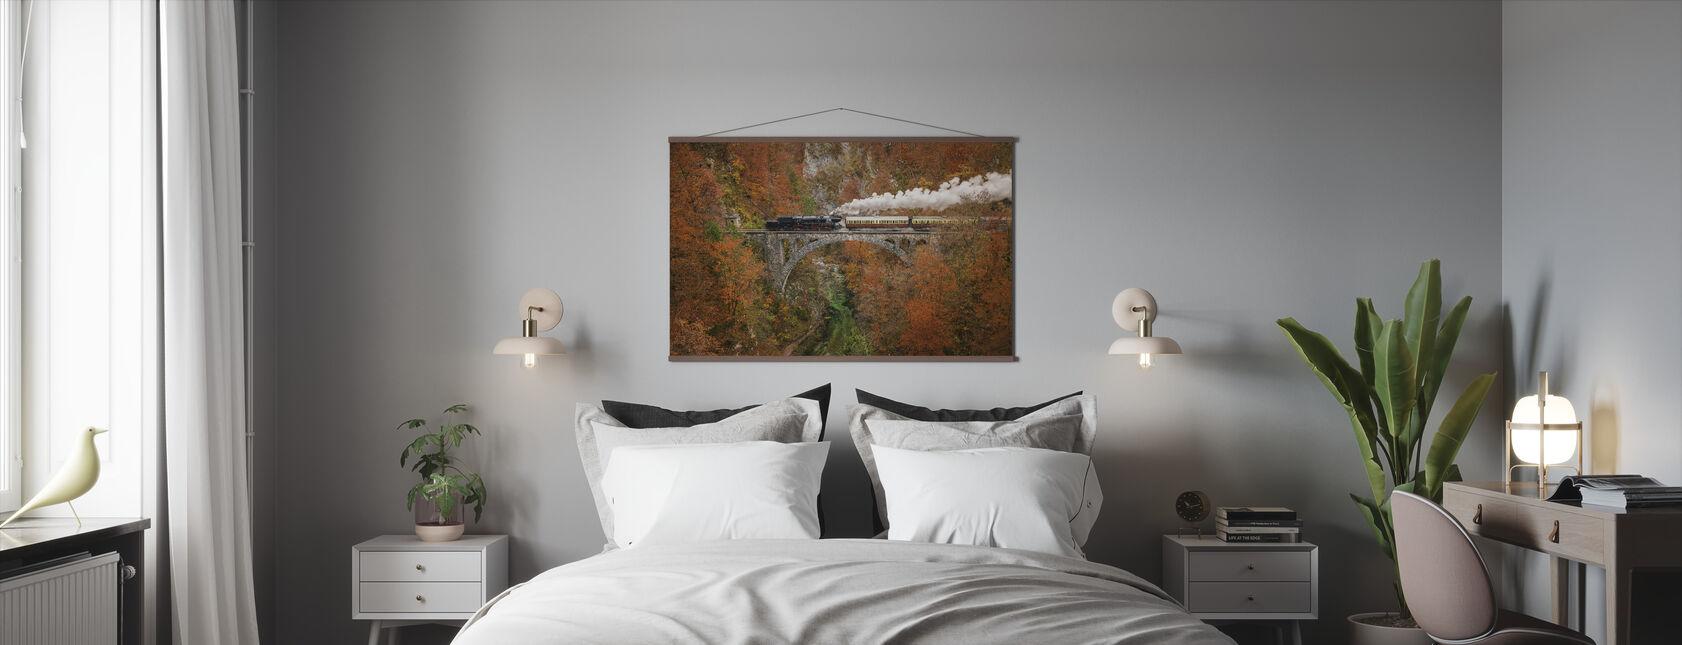 Museum Train - Poster - Bedroom